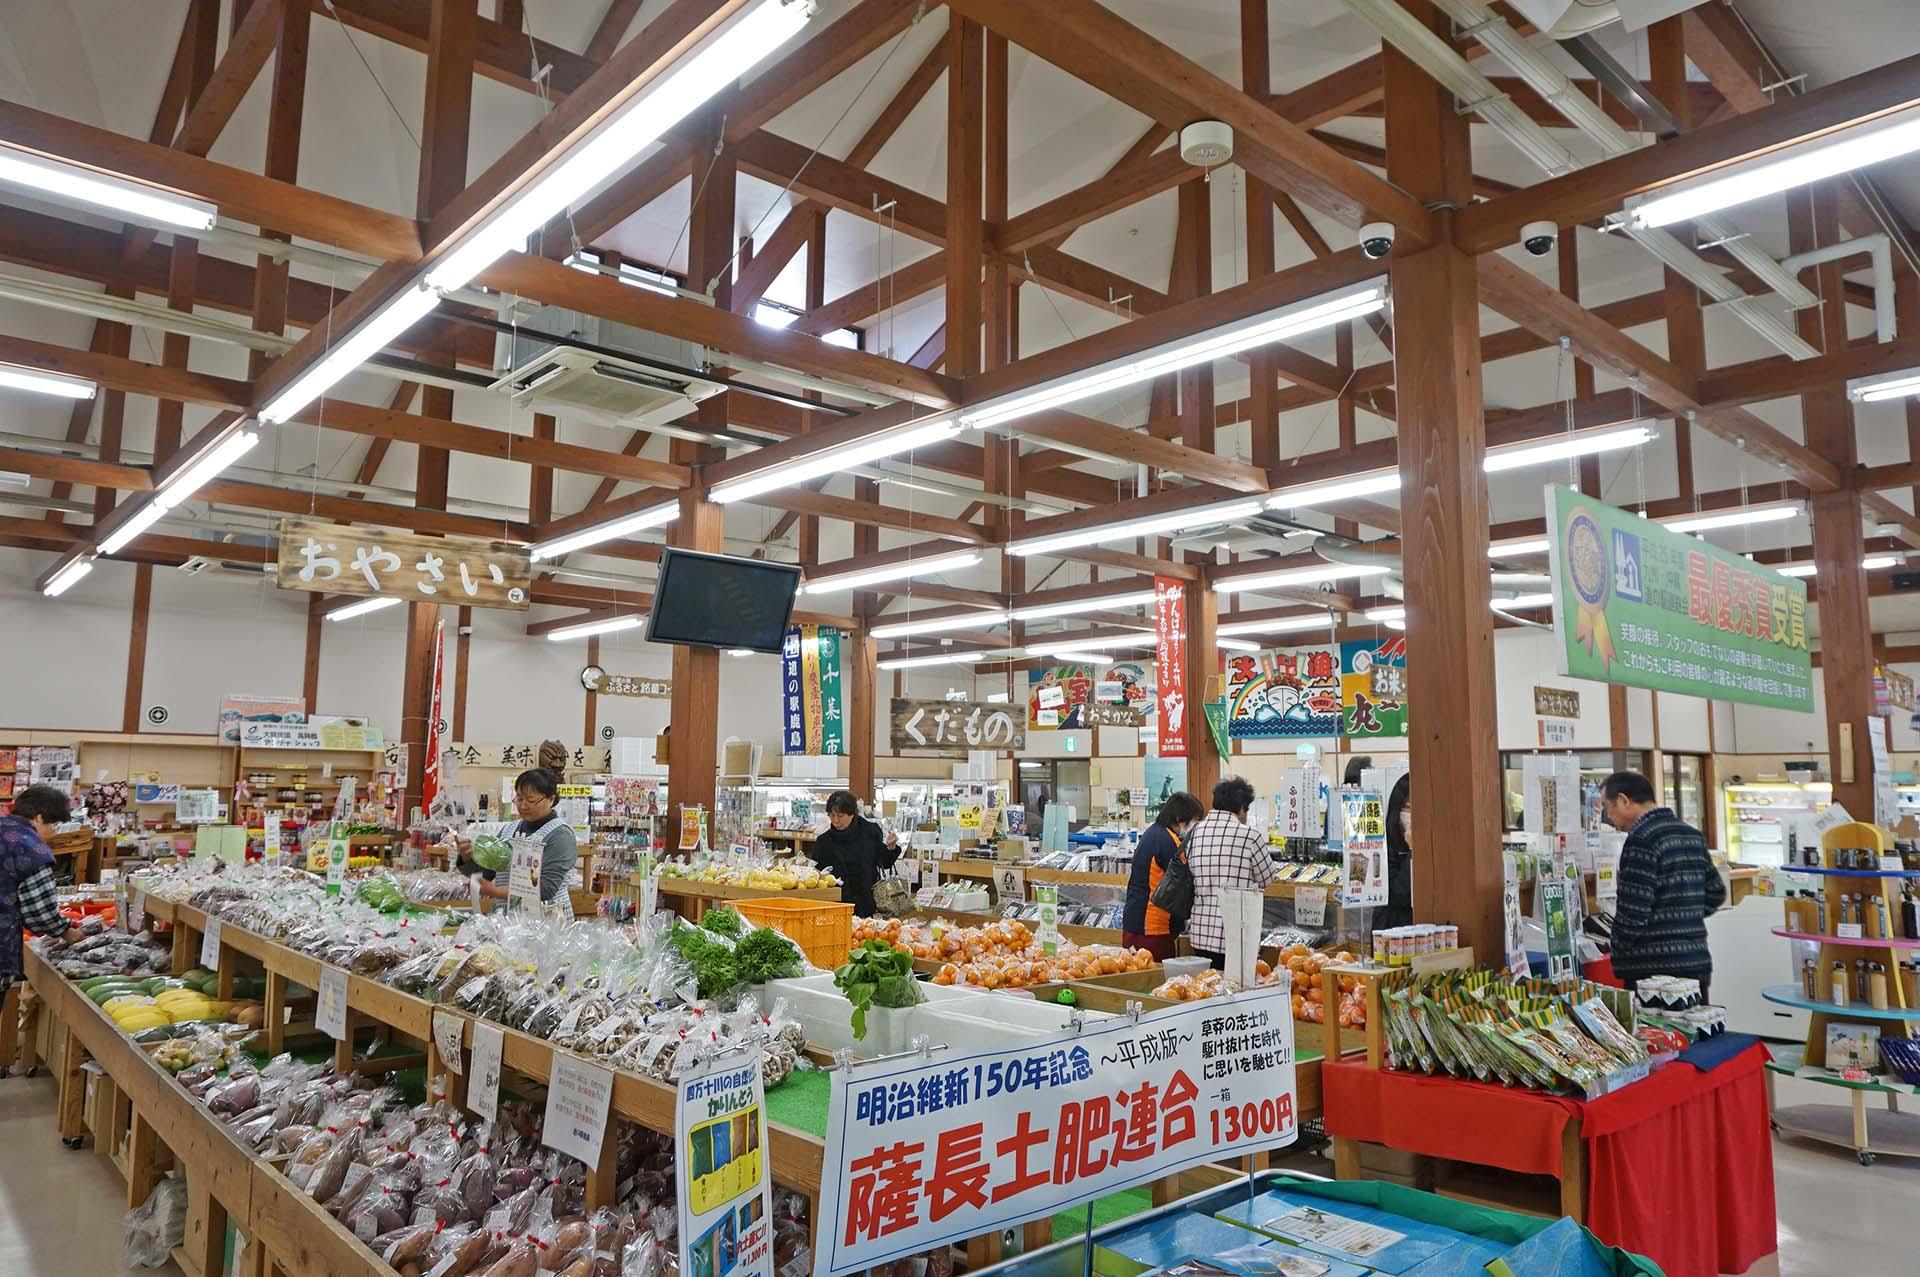 千菜市では鹿島市の特産品や有明海の食材が揃う